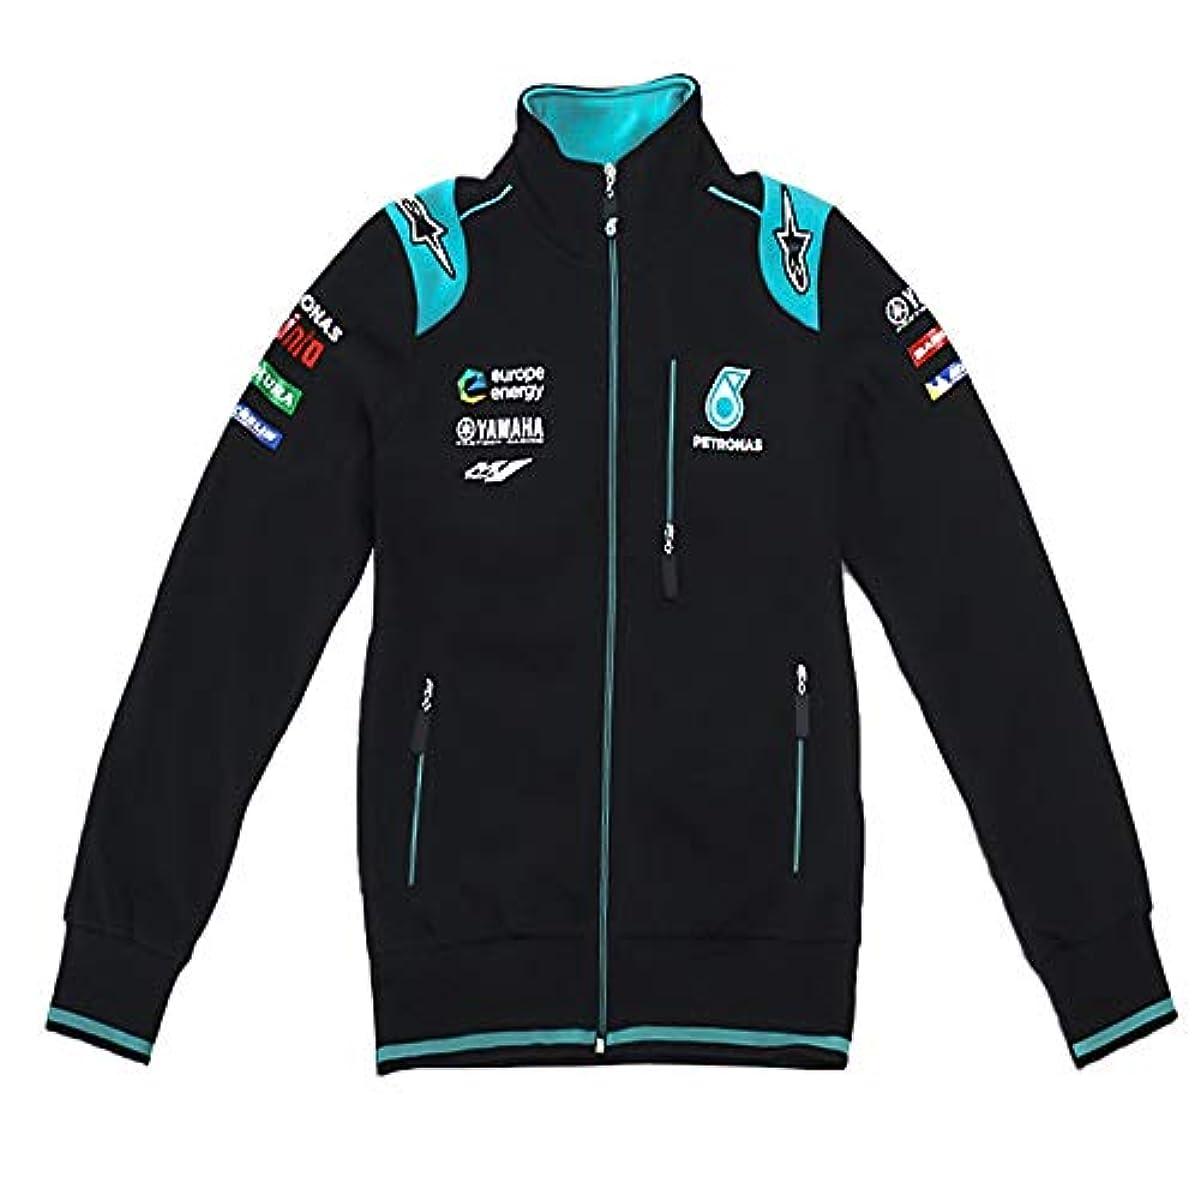 [해외] 오토바이 재킷 마운틴 파카 맨즈 윈드 브레이커 재킷 라이트 아우터 추복 아우터 방한 방풍 추동용